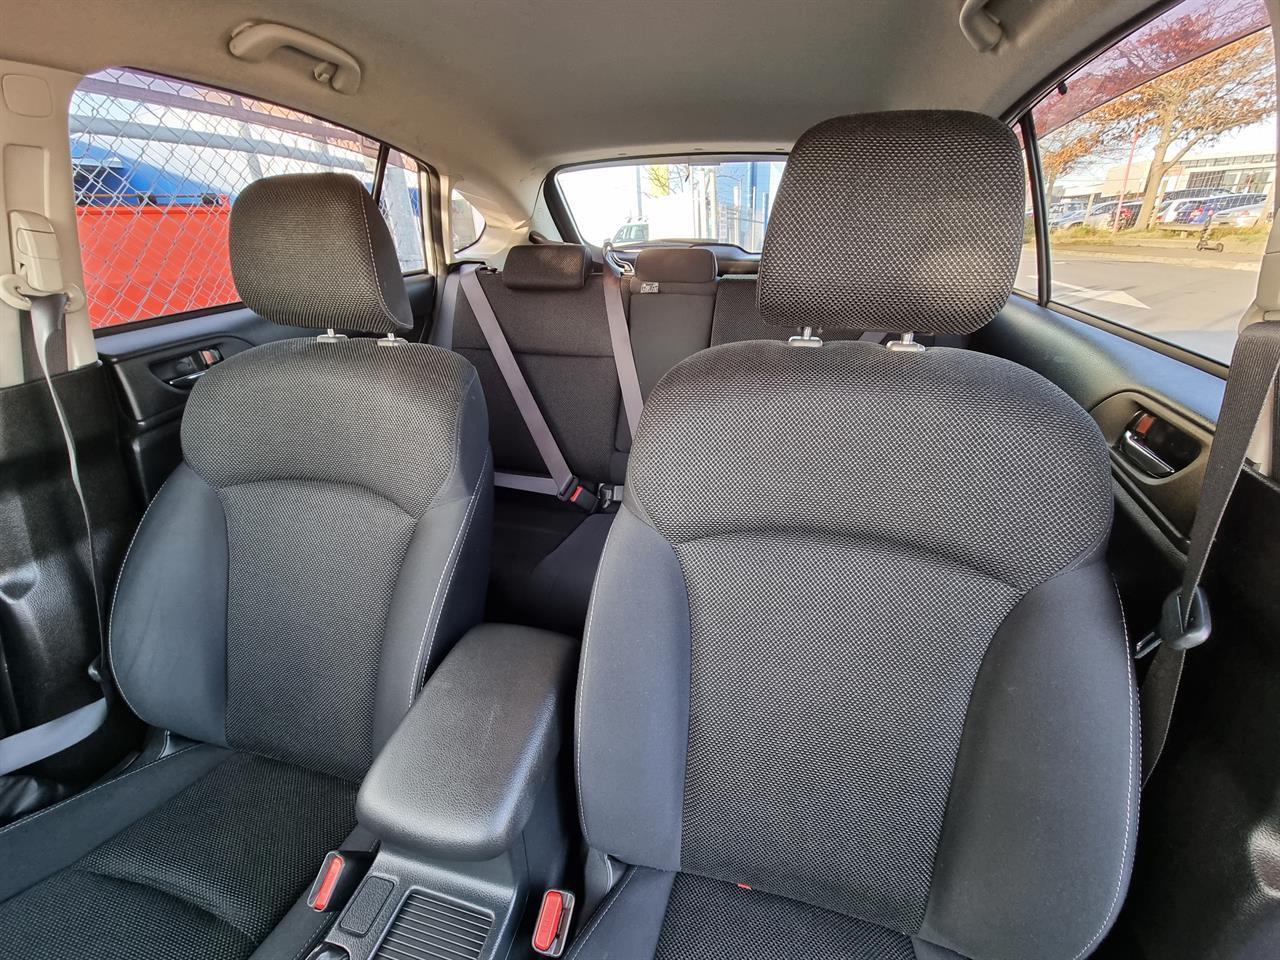 image-11, 2014 Subaru XV Hybrid 4WD at Christchurch